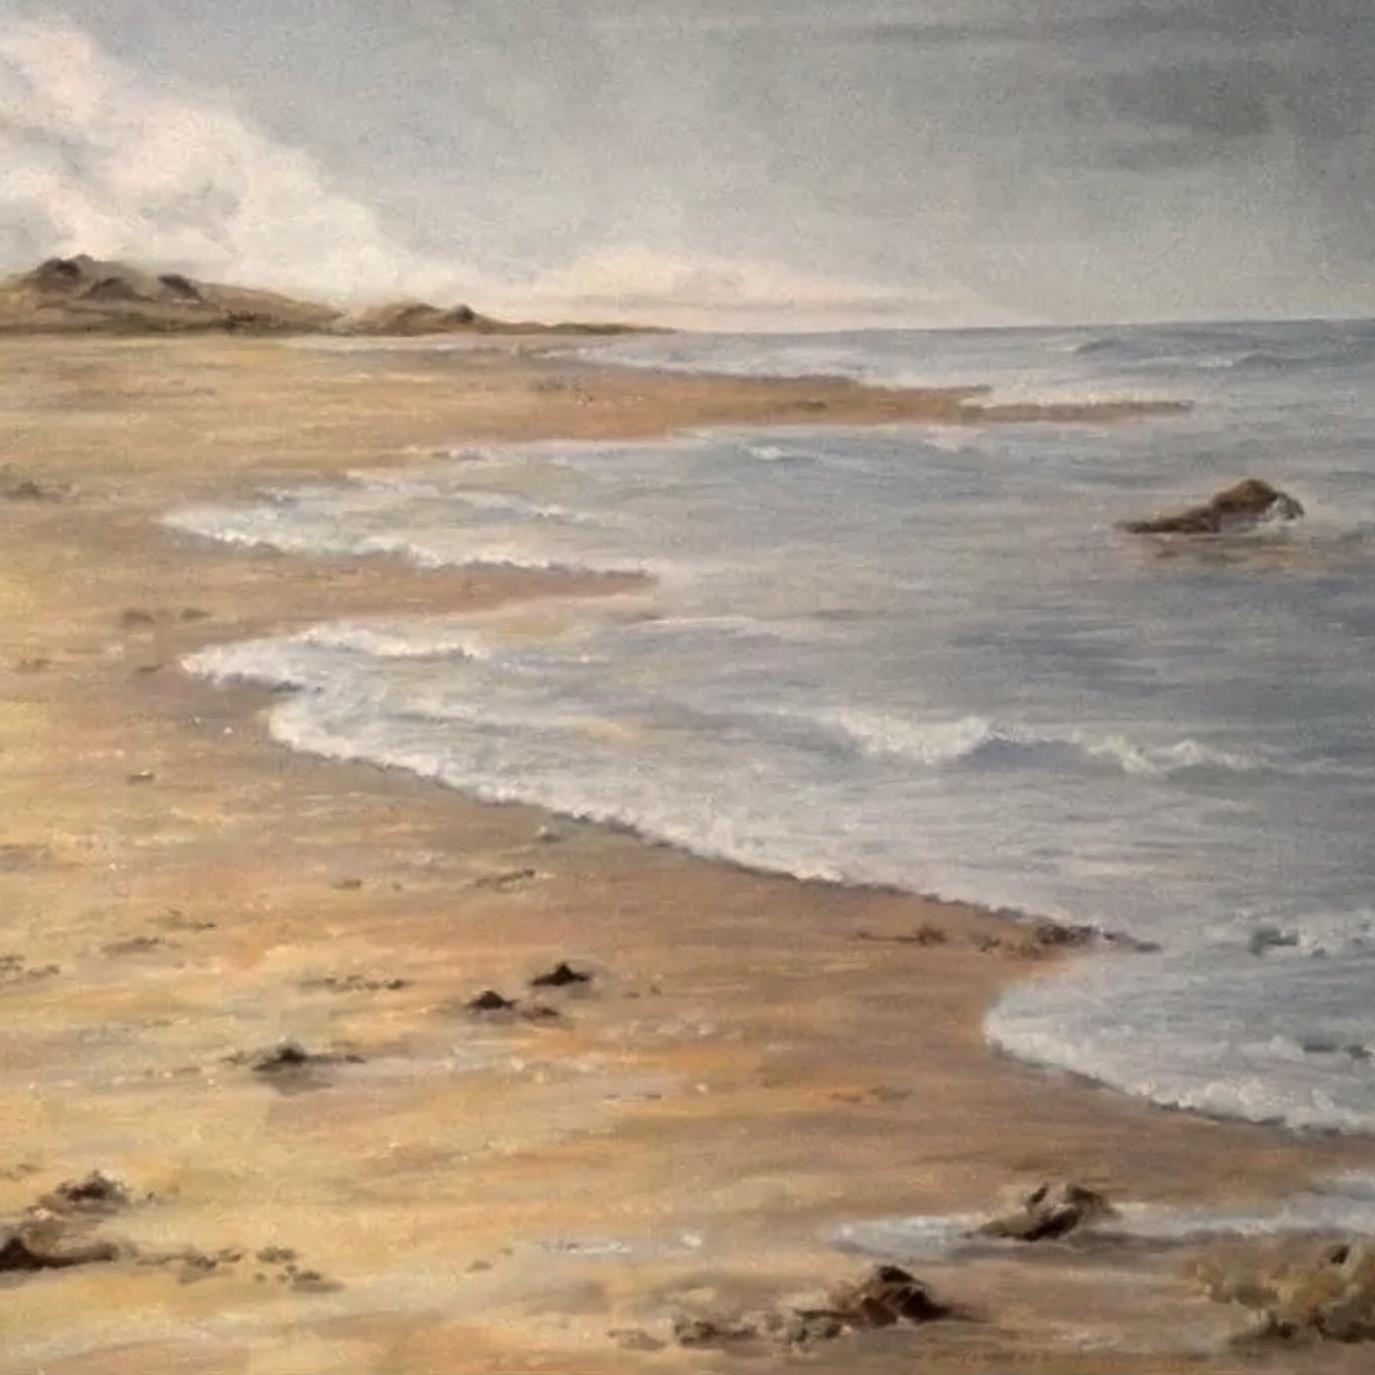 Beach xbqf8y